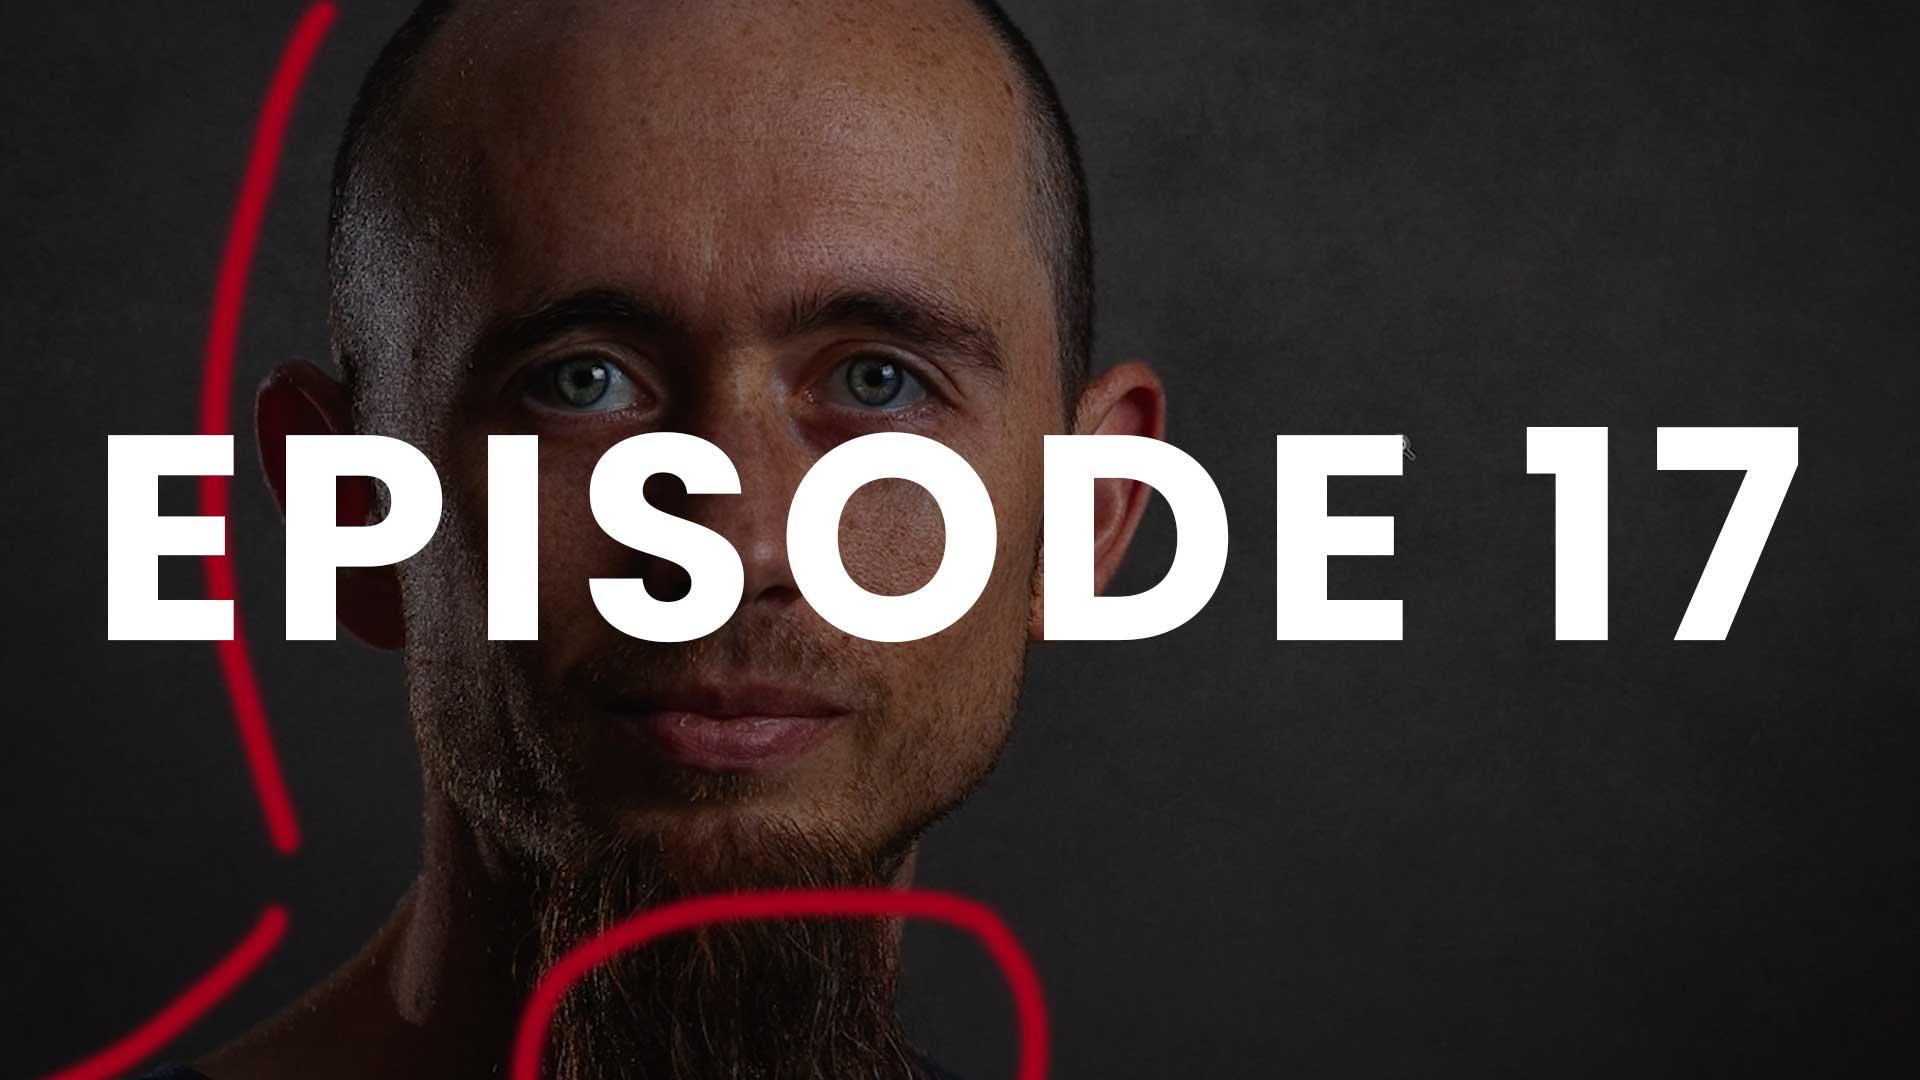 2-Minute Critiques | Episode 17